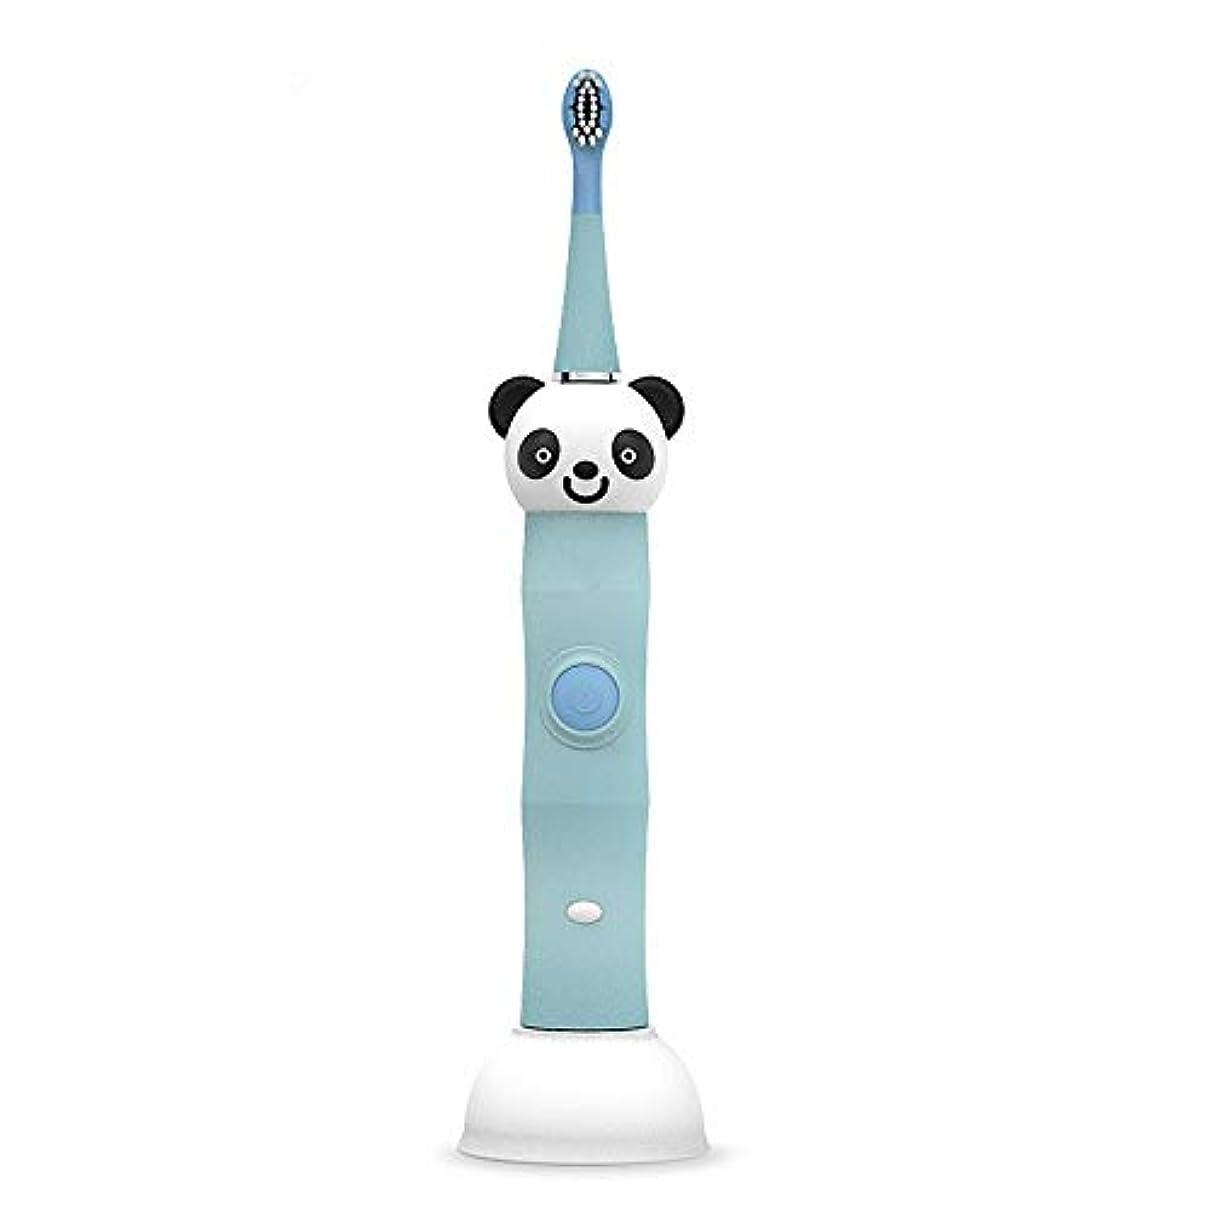 一時解雇するマージ洞察力のある電動歯ブラシ 毎日の使用のためのUSBの充満基盤の柔らかい毛のきれいな歯ブラシと防水子供の電動歯ブラシ 大人と子供向け (色 : 青, サイズ : Free size)